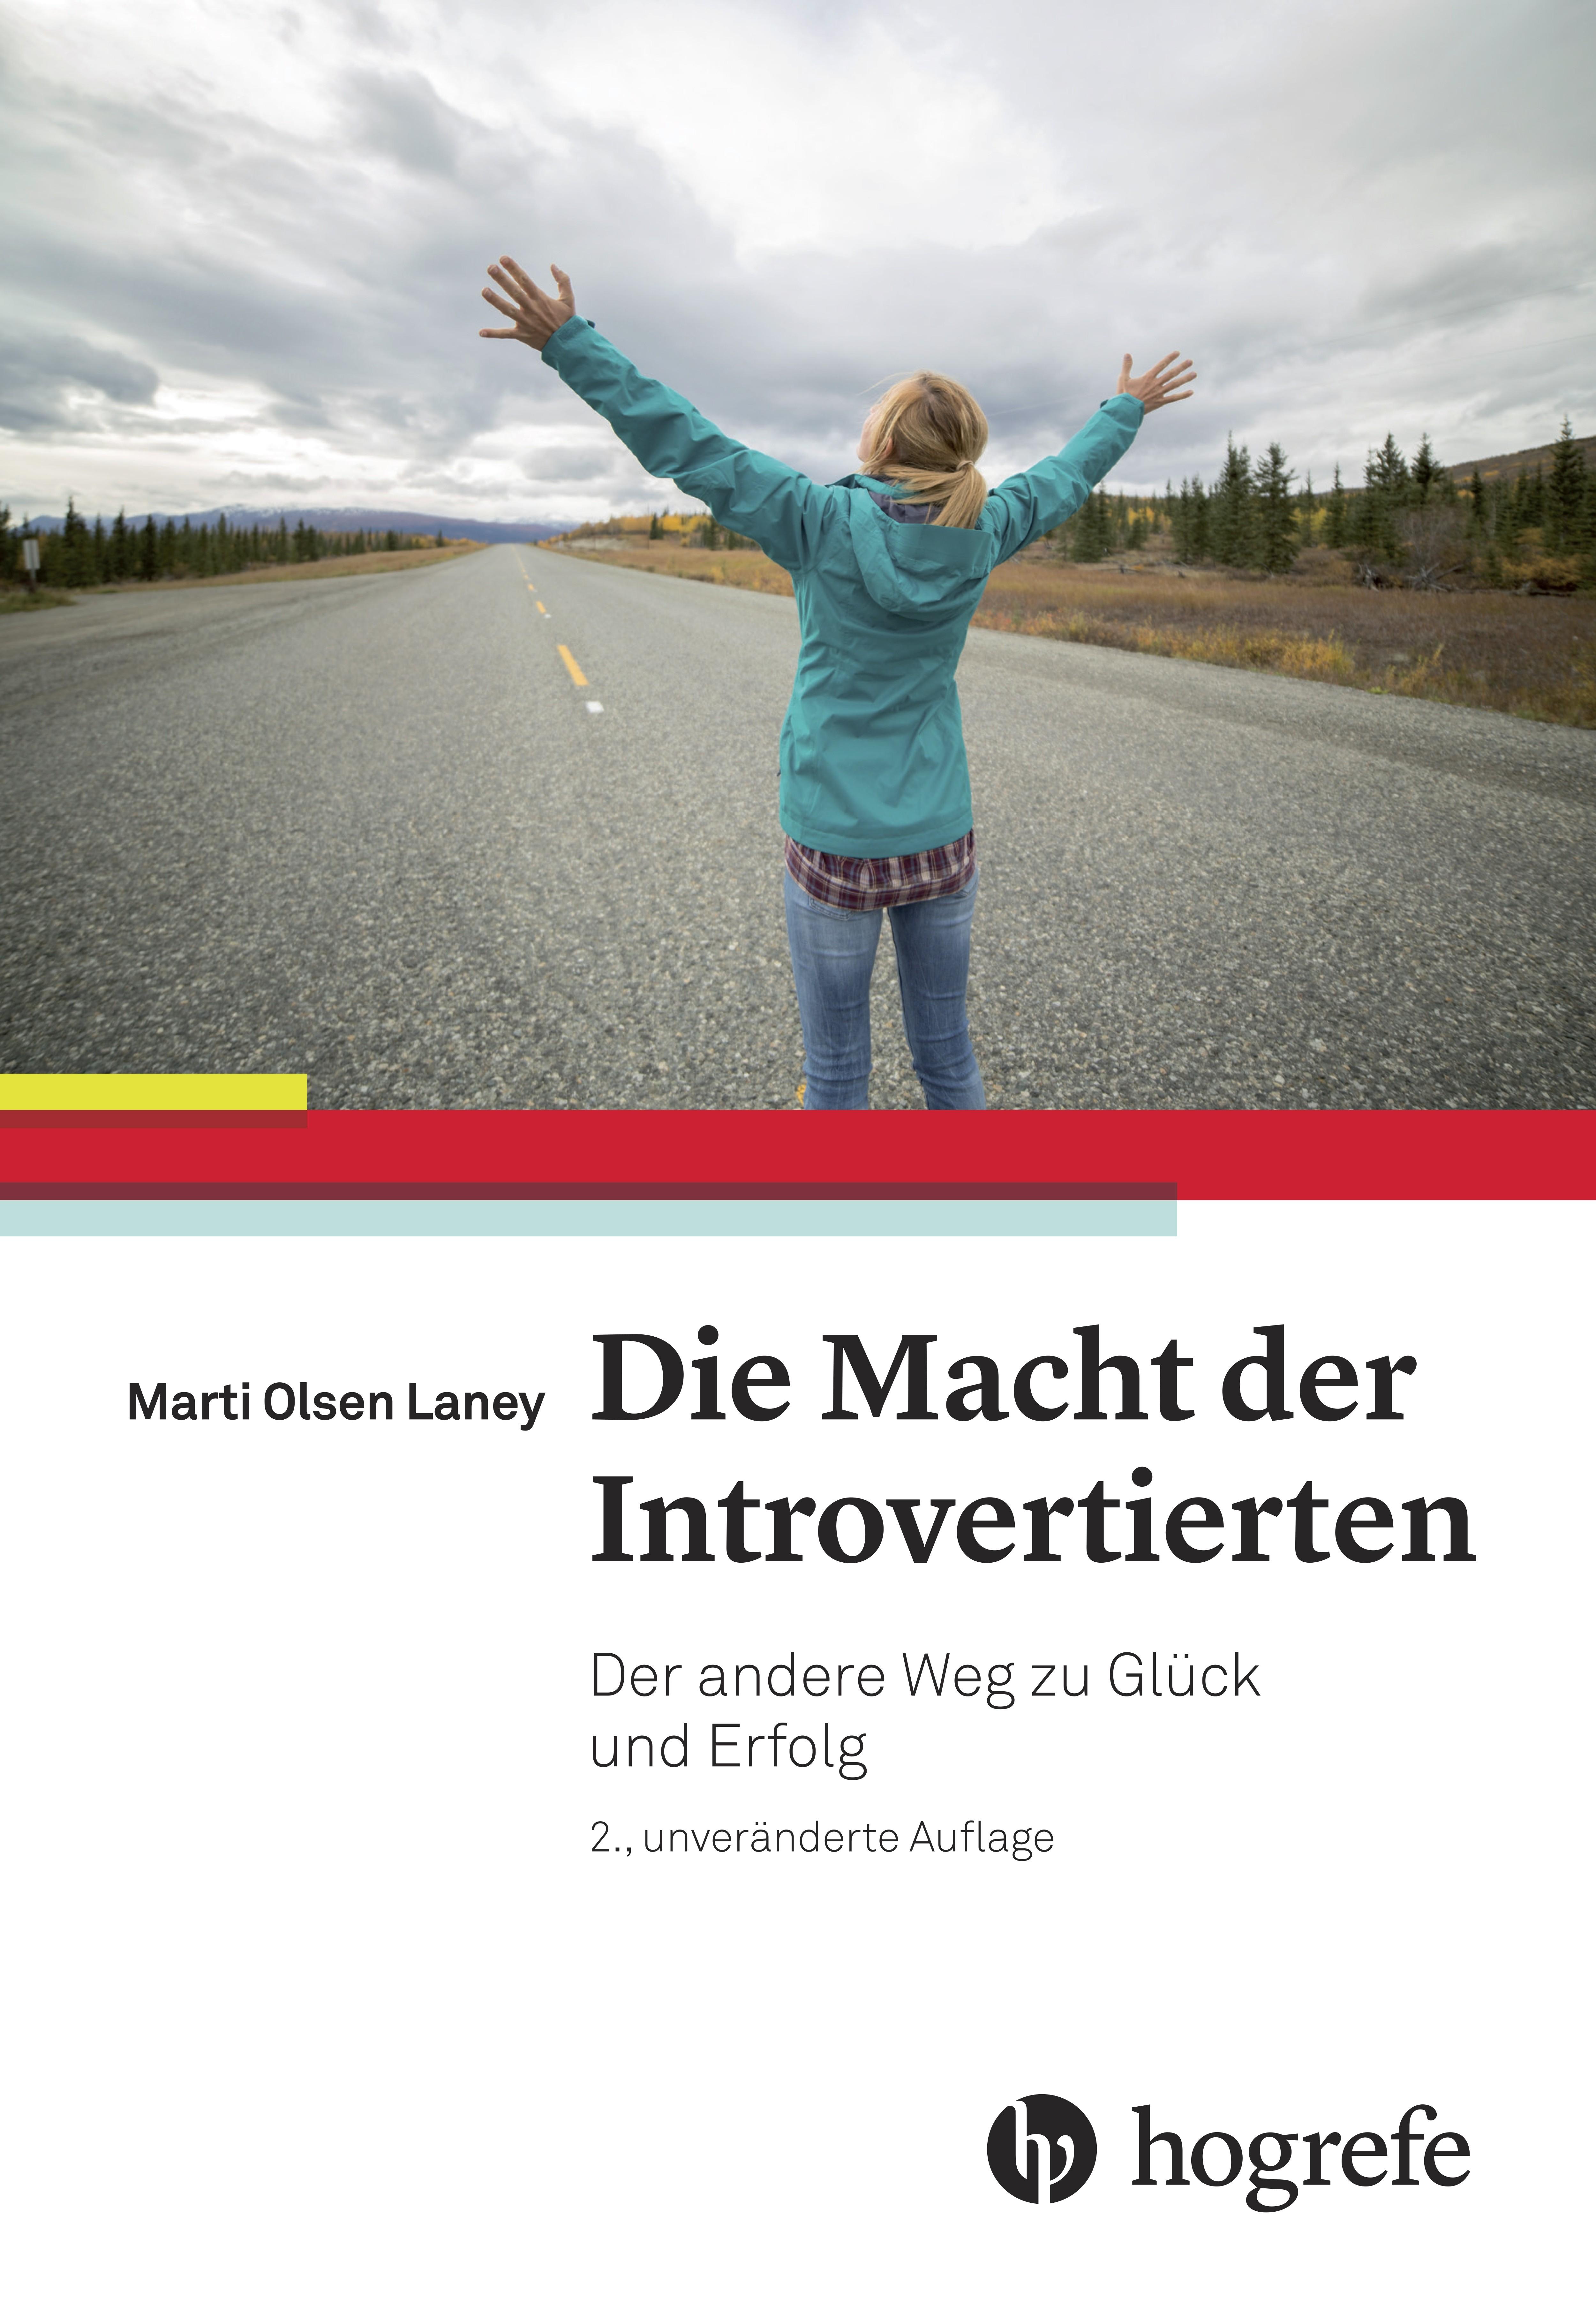 Oslen Laney Marti Die Macht der Introvertierten